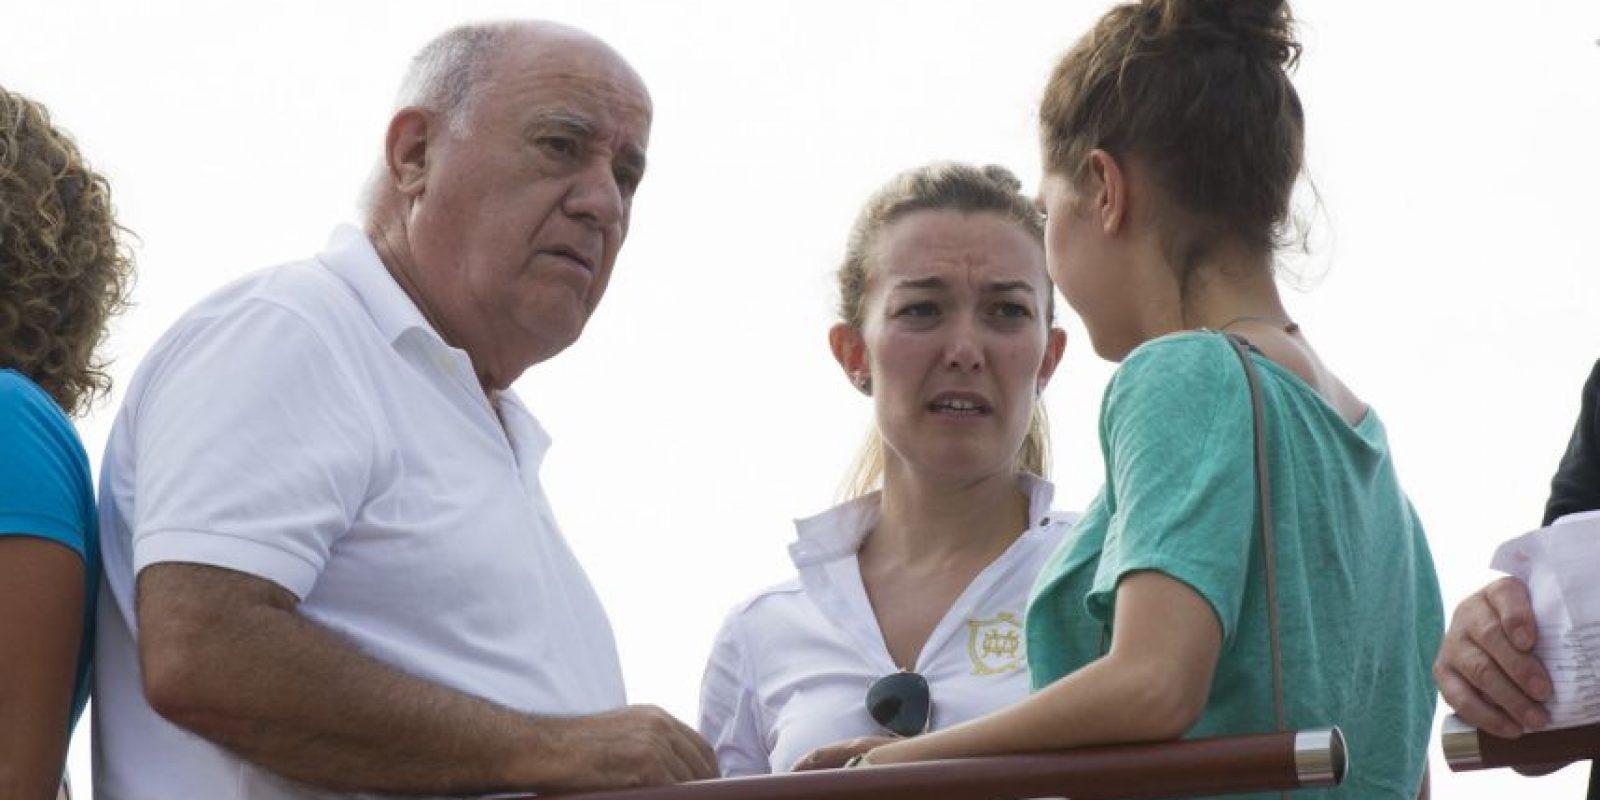 4. Amancio Ortega, de 78 años es originario de España y dueño de la empresa de ropa ZARA Foto:Getty Images